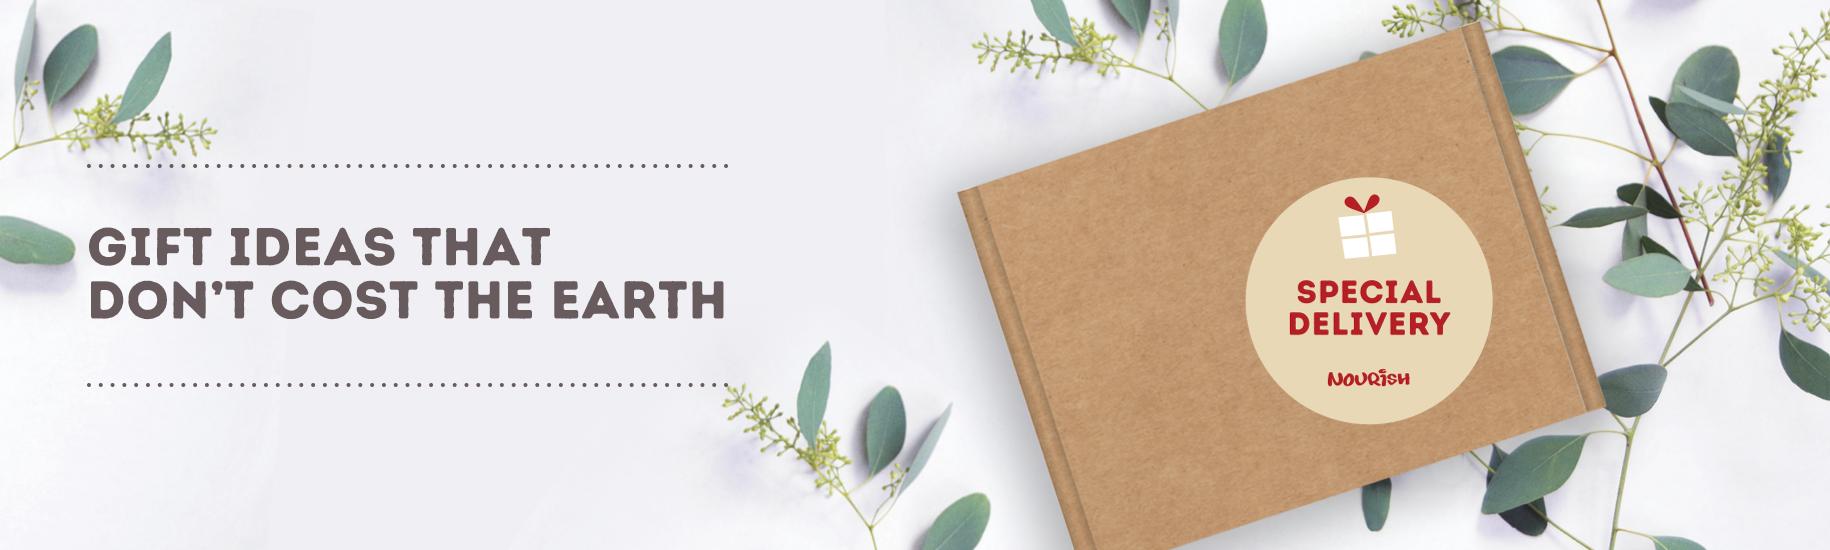 Nourish Gift Ideas